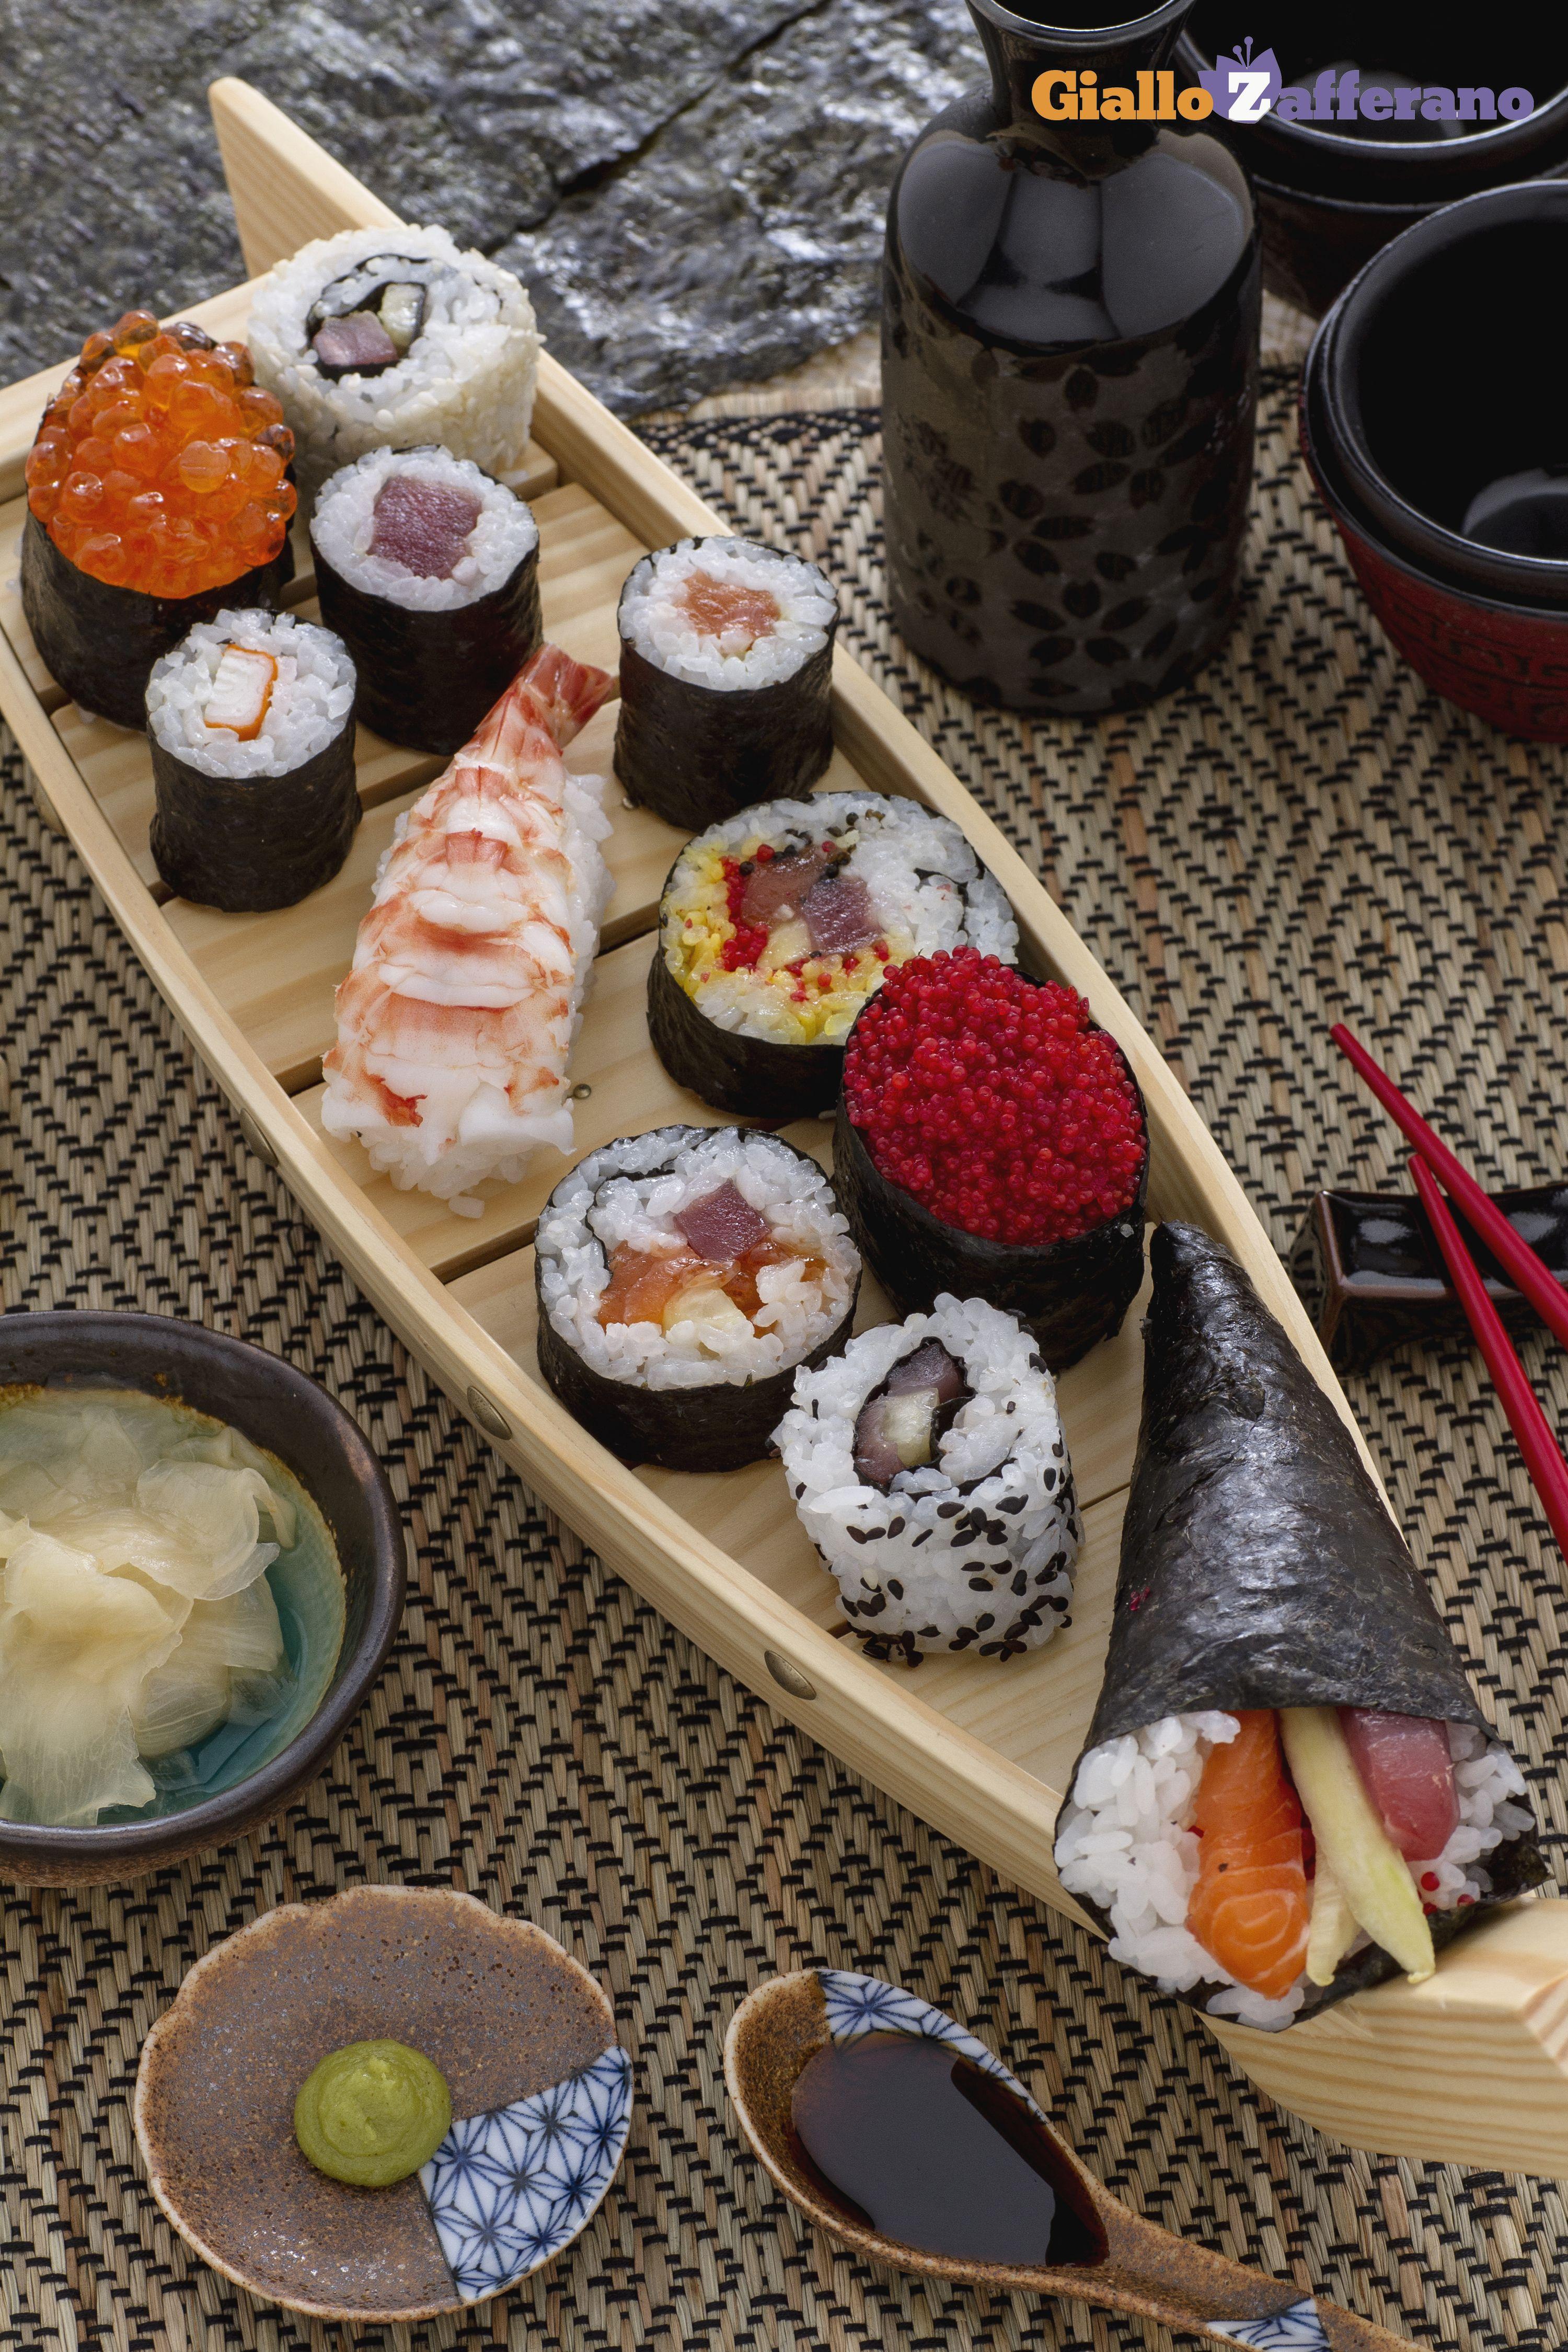 Ricetta Uramaki Giallo Zafferano.Sushi Scopri Come Prepararlo Seguendo La Nostra Ricetta Ricette Idee Alimentari Cibo